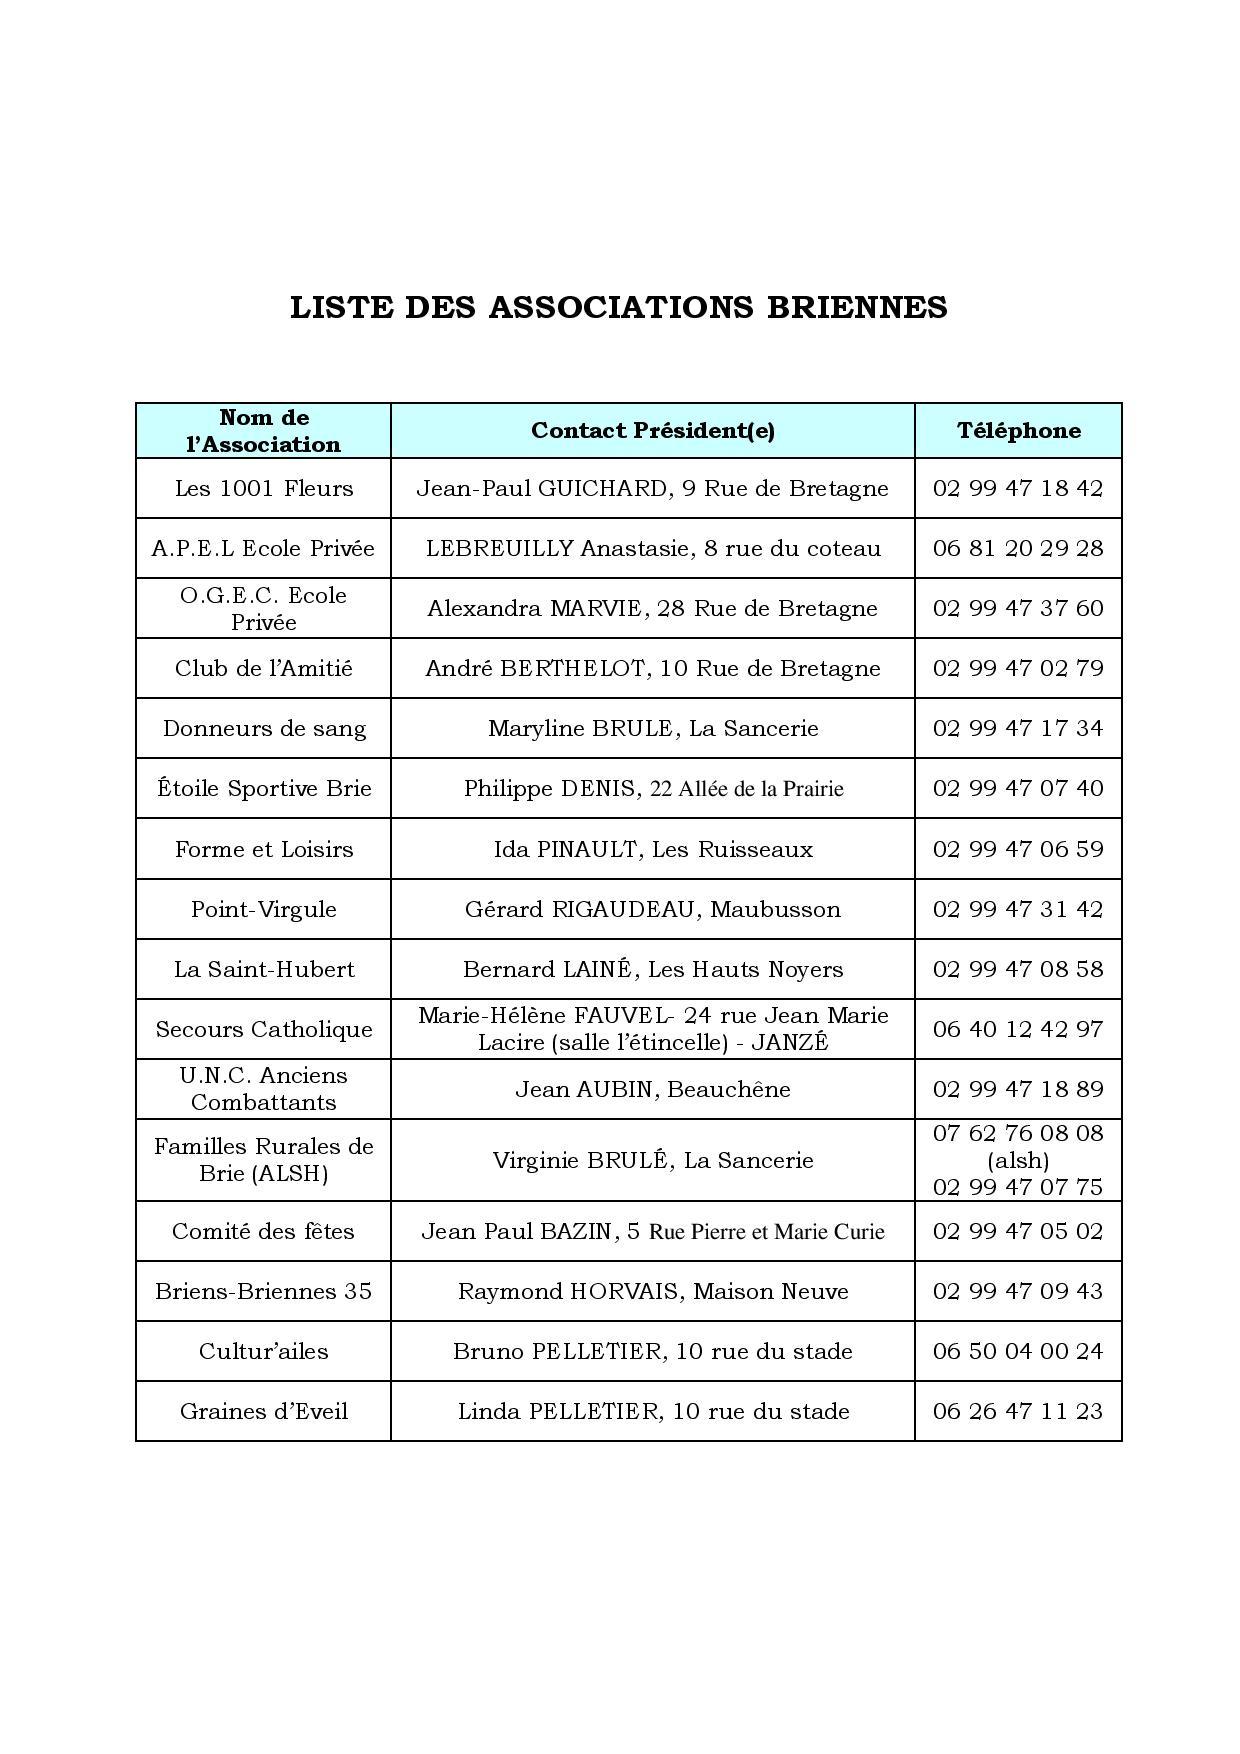 liste-des-associations-briennes